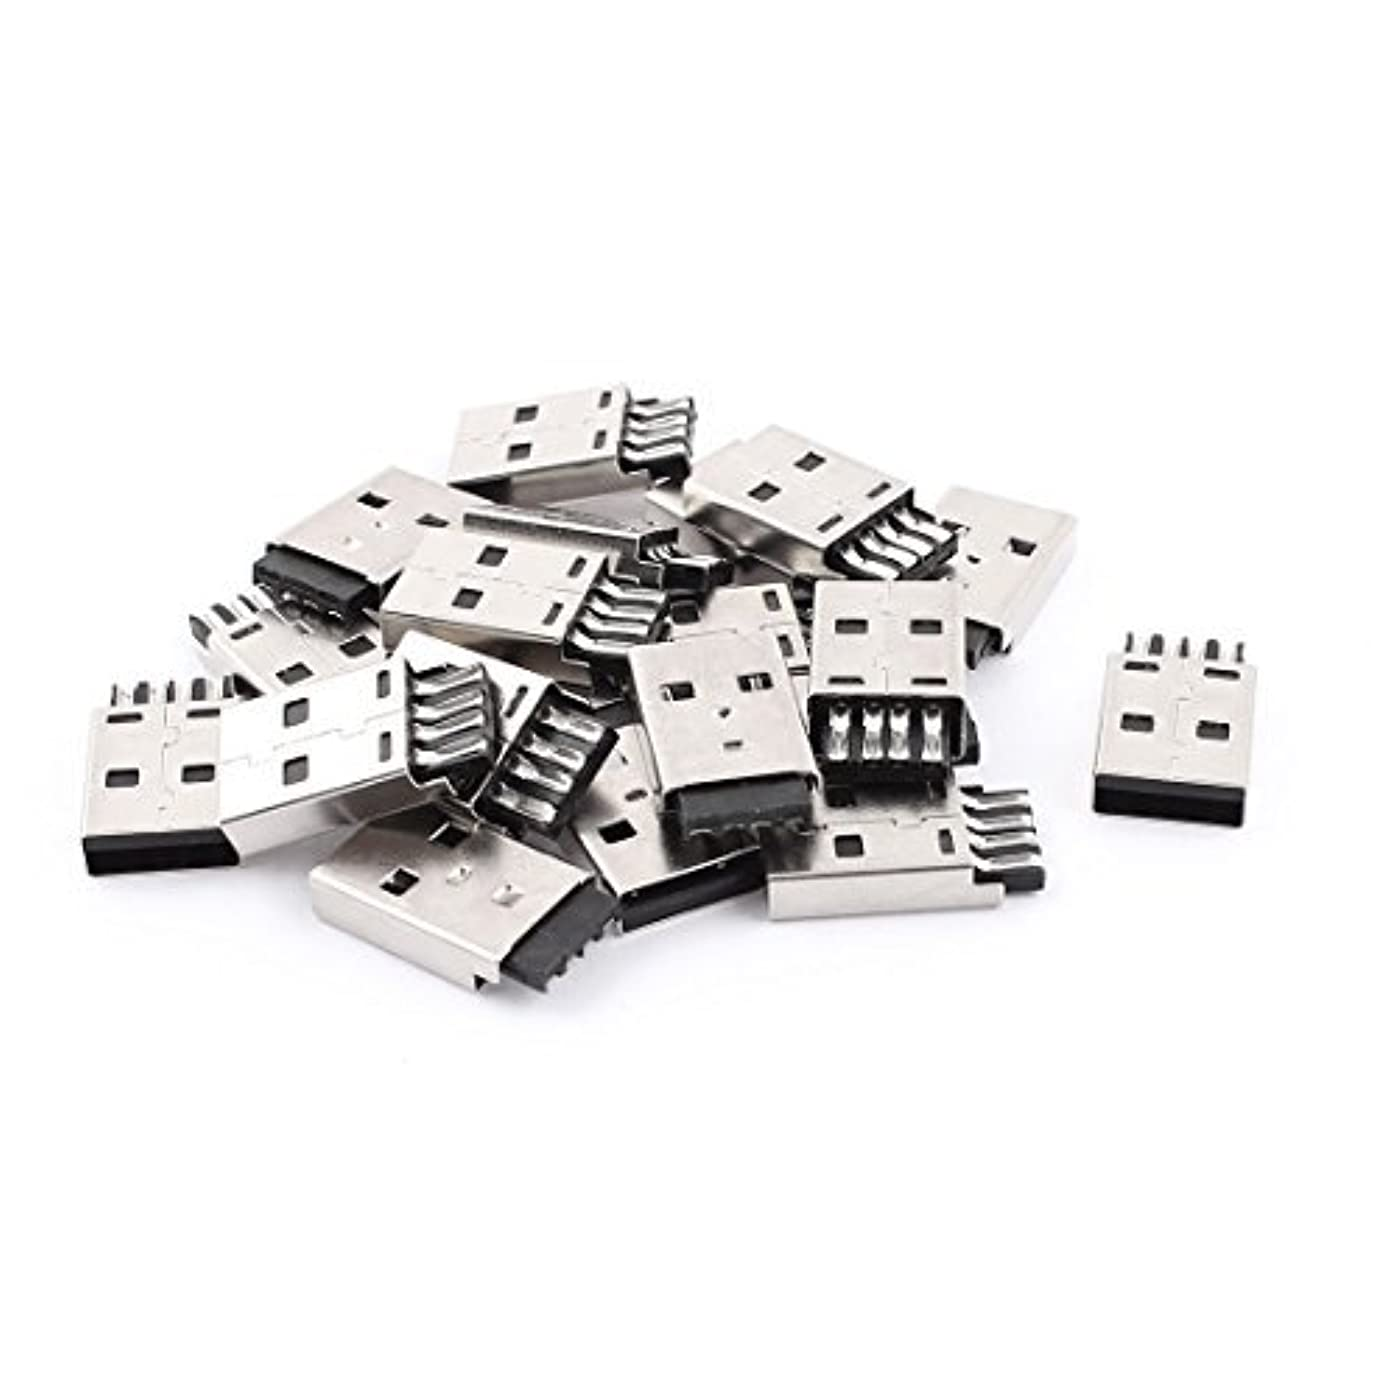 トラフ頼む崩壊DealMux USB 2.0 Tipo A Porto Masculino alfinete PCBマウントコネクタ20個